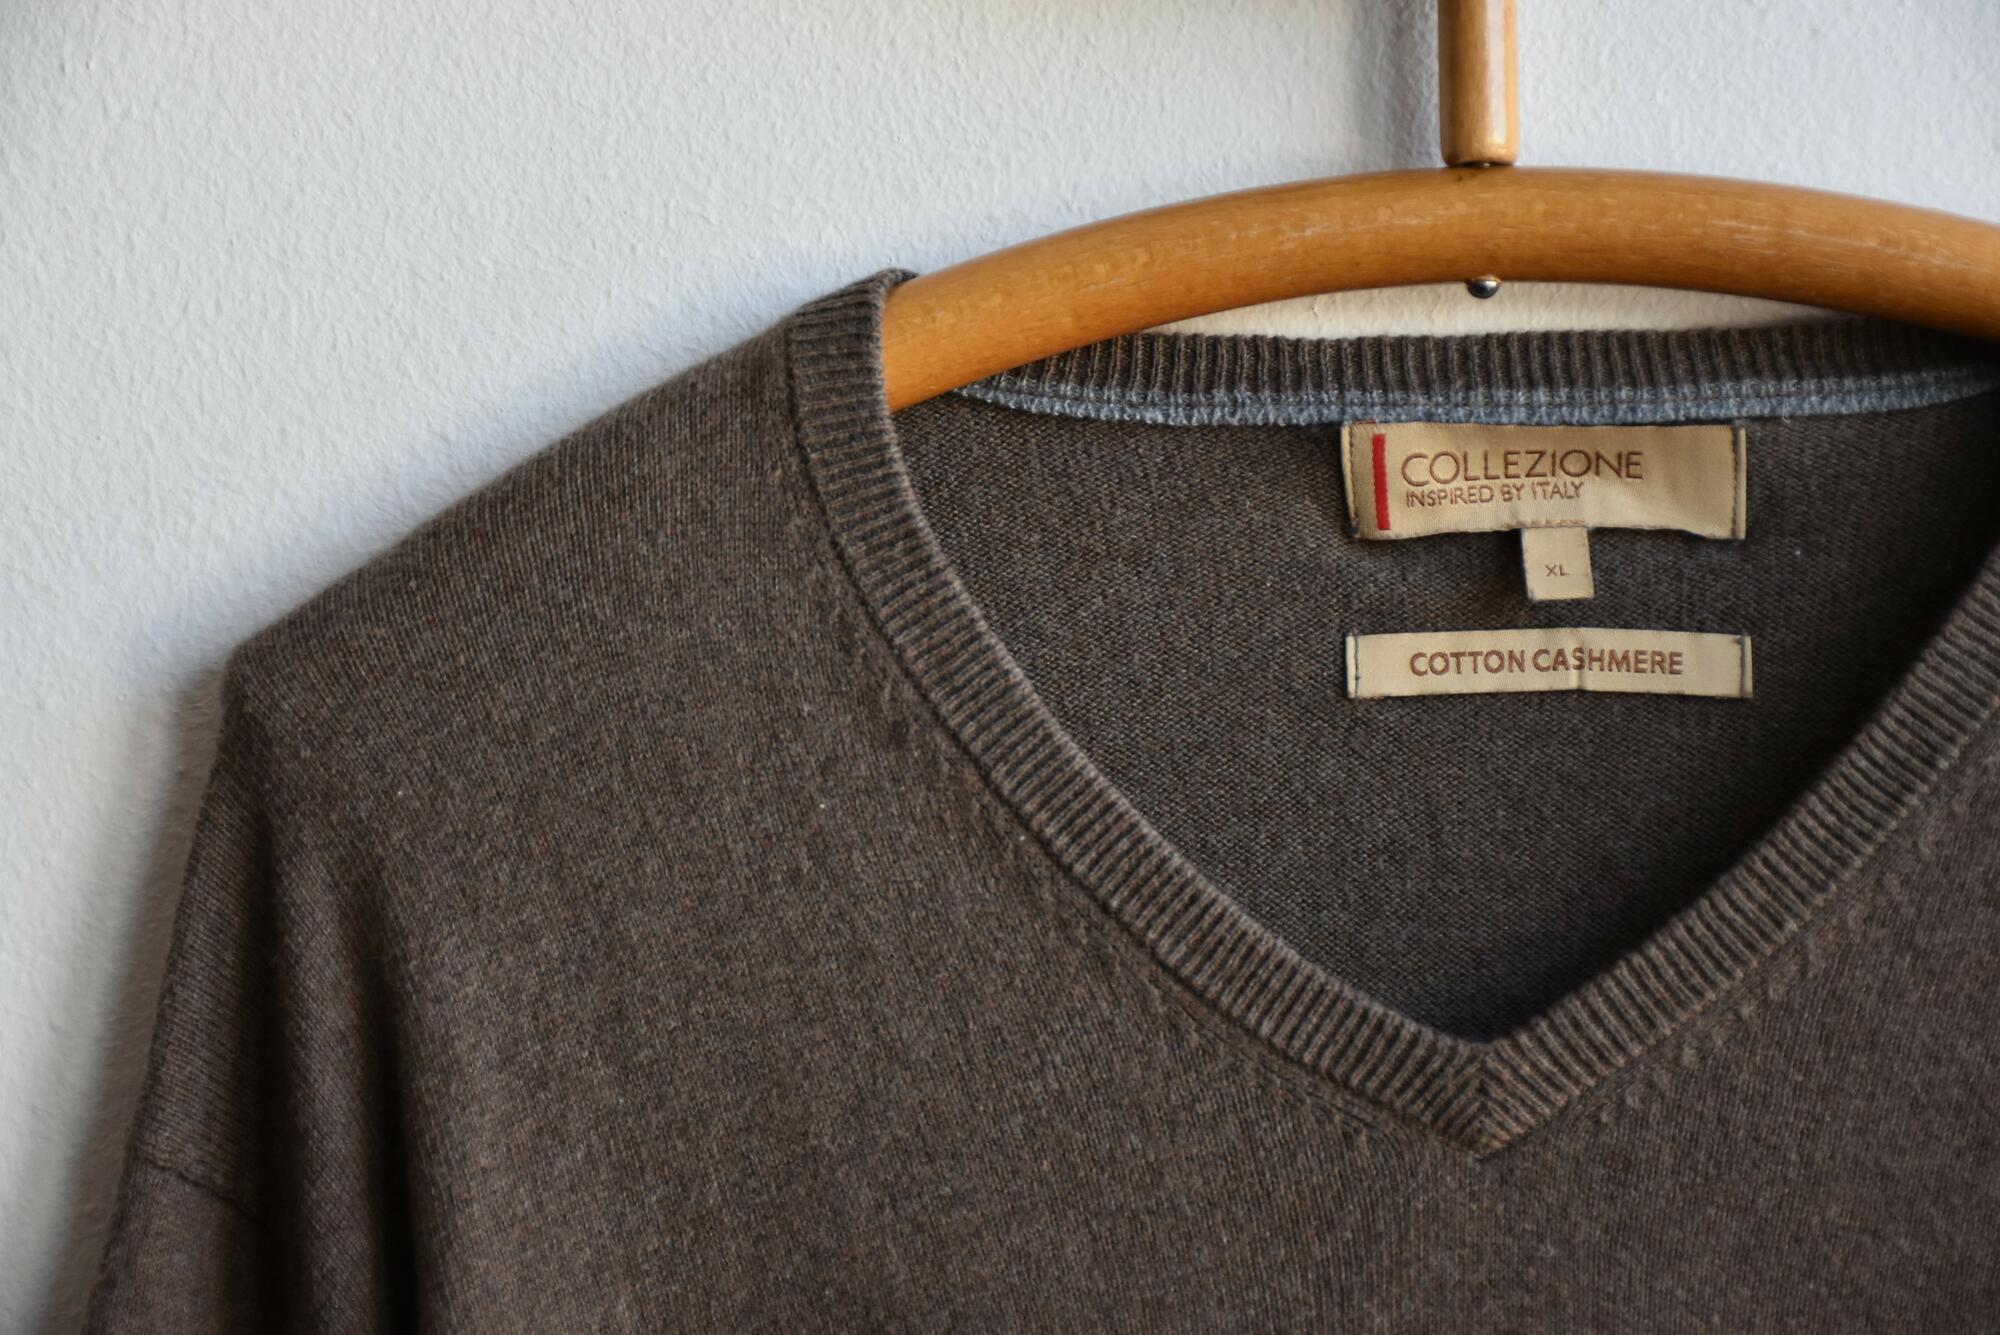 Klasyczny sweter w serek z bawełny i kaszmiru - PONOŚ SE vintage shop | JestemSlow.pl